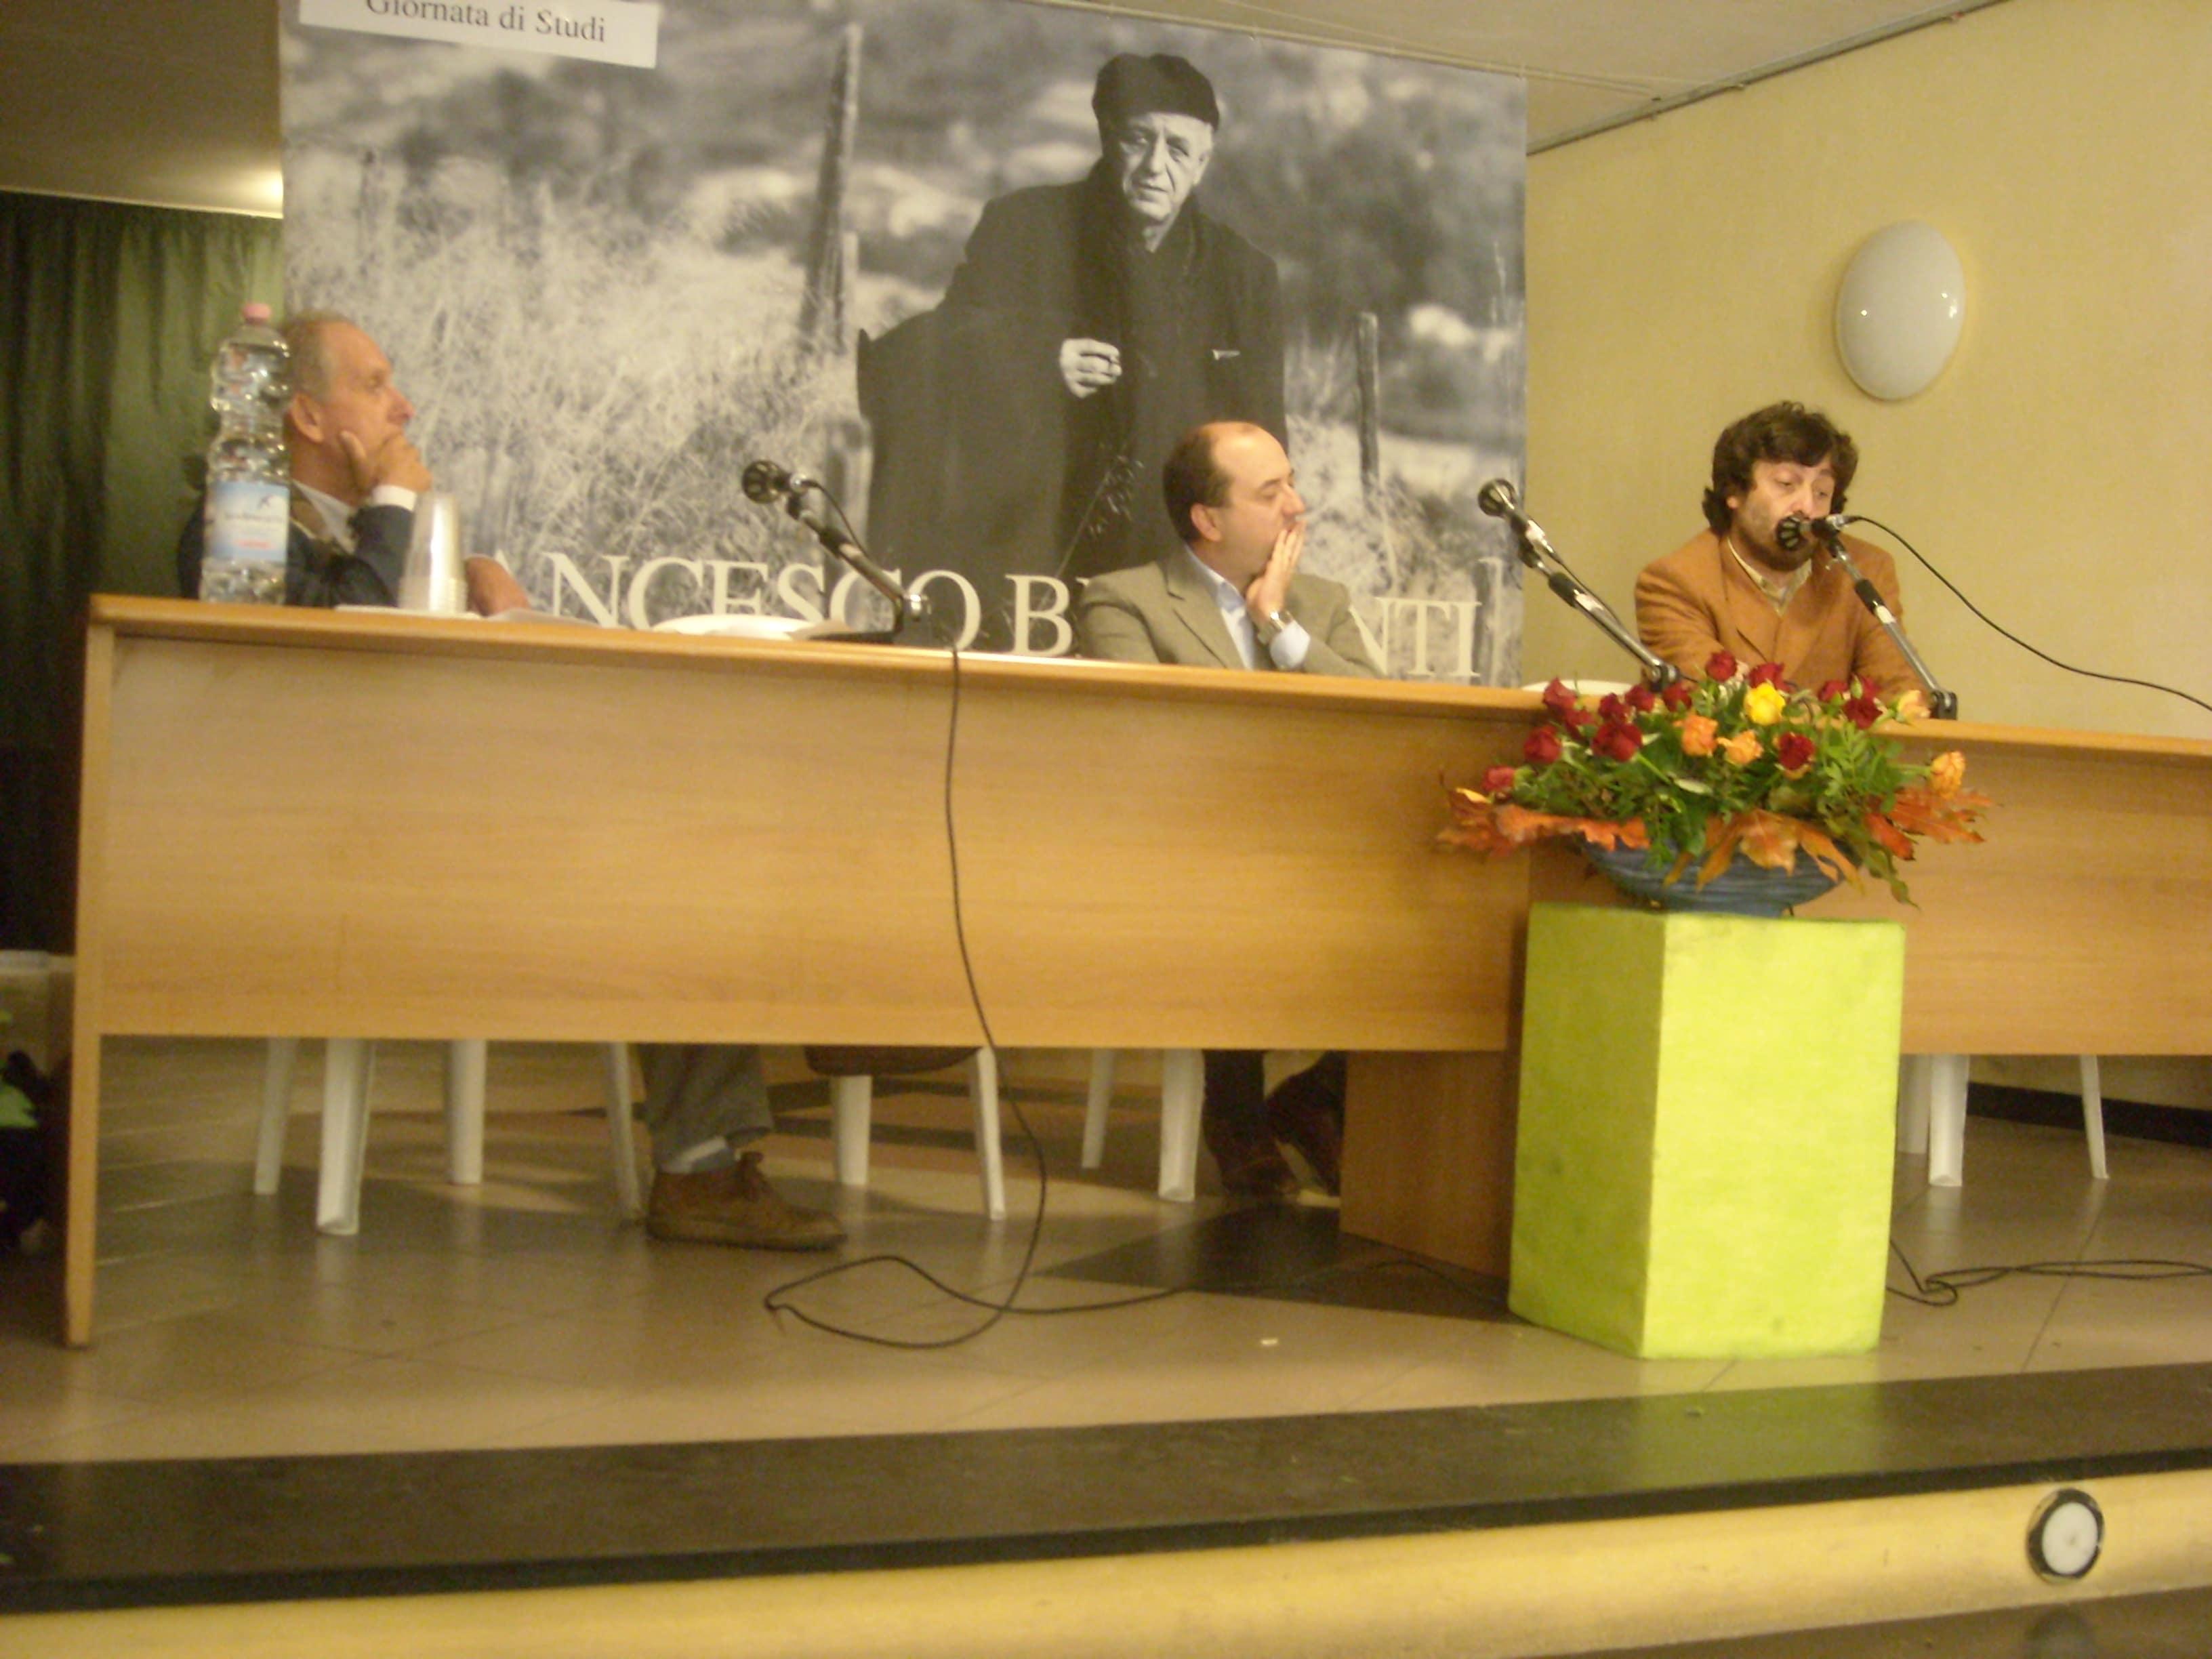 A San Biagio della Cima l'iniziativa culturale organizzata dall'Afb con libri, una passeggiata e il premio per Quaini